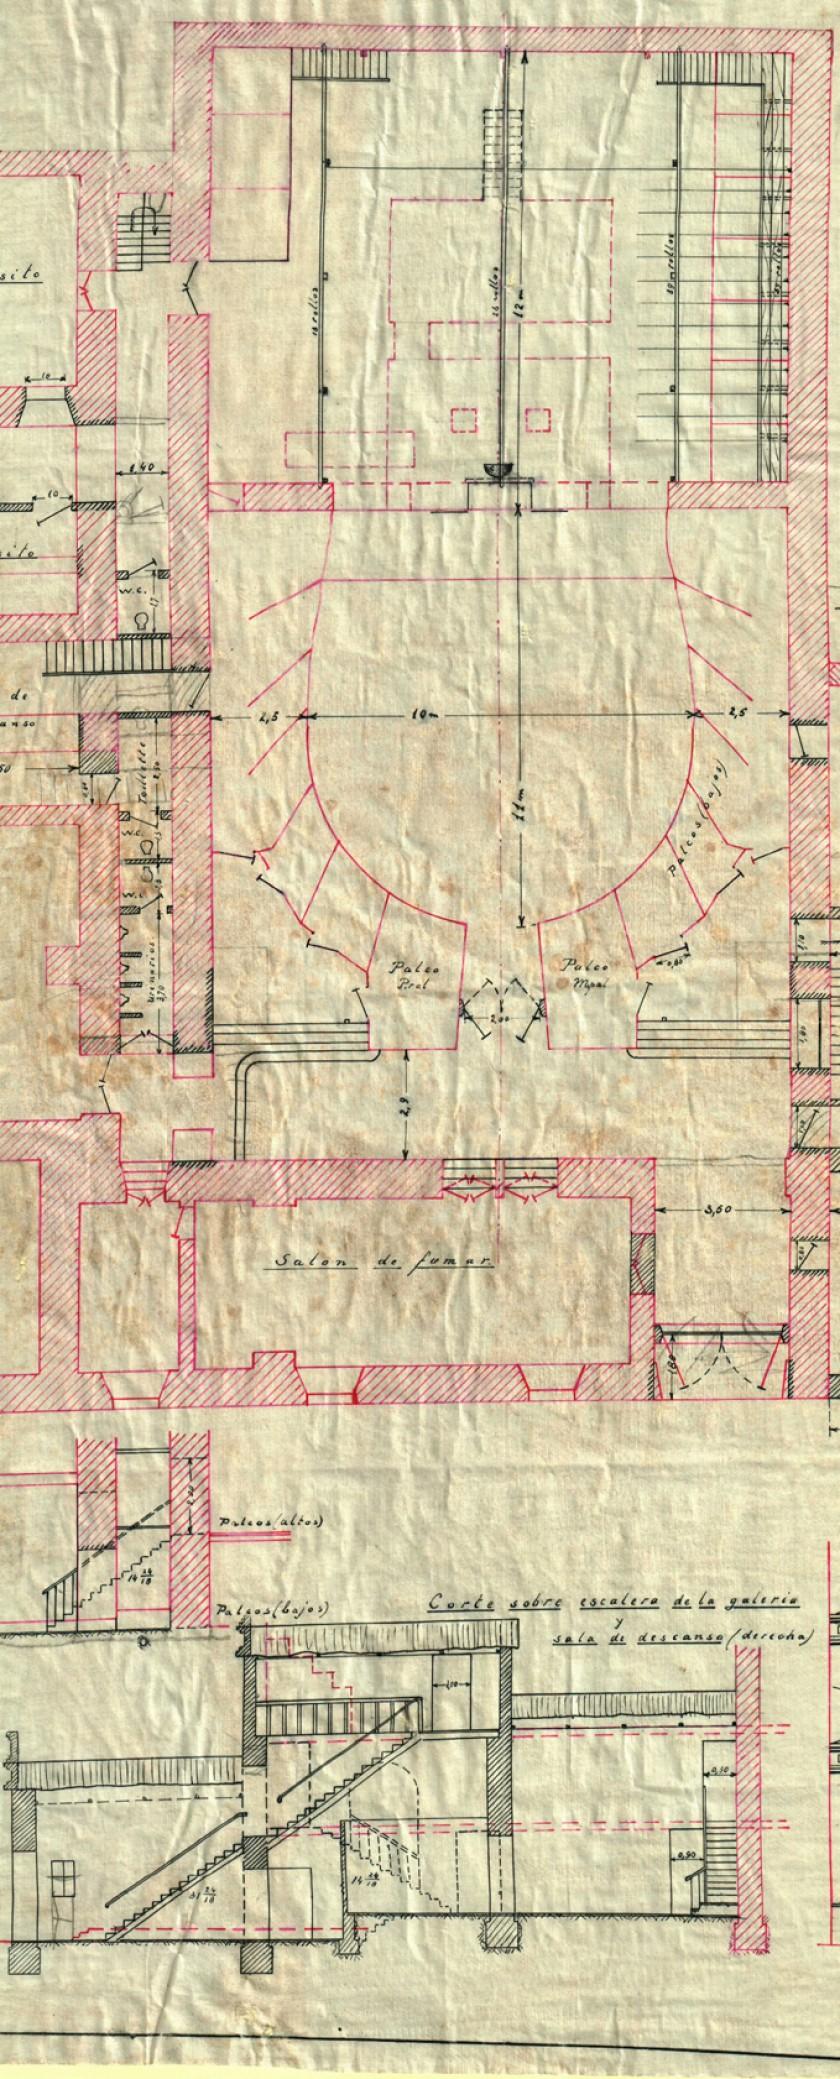 Plano levantado por L. A. Mulder y de Graaff 2.